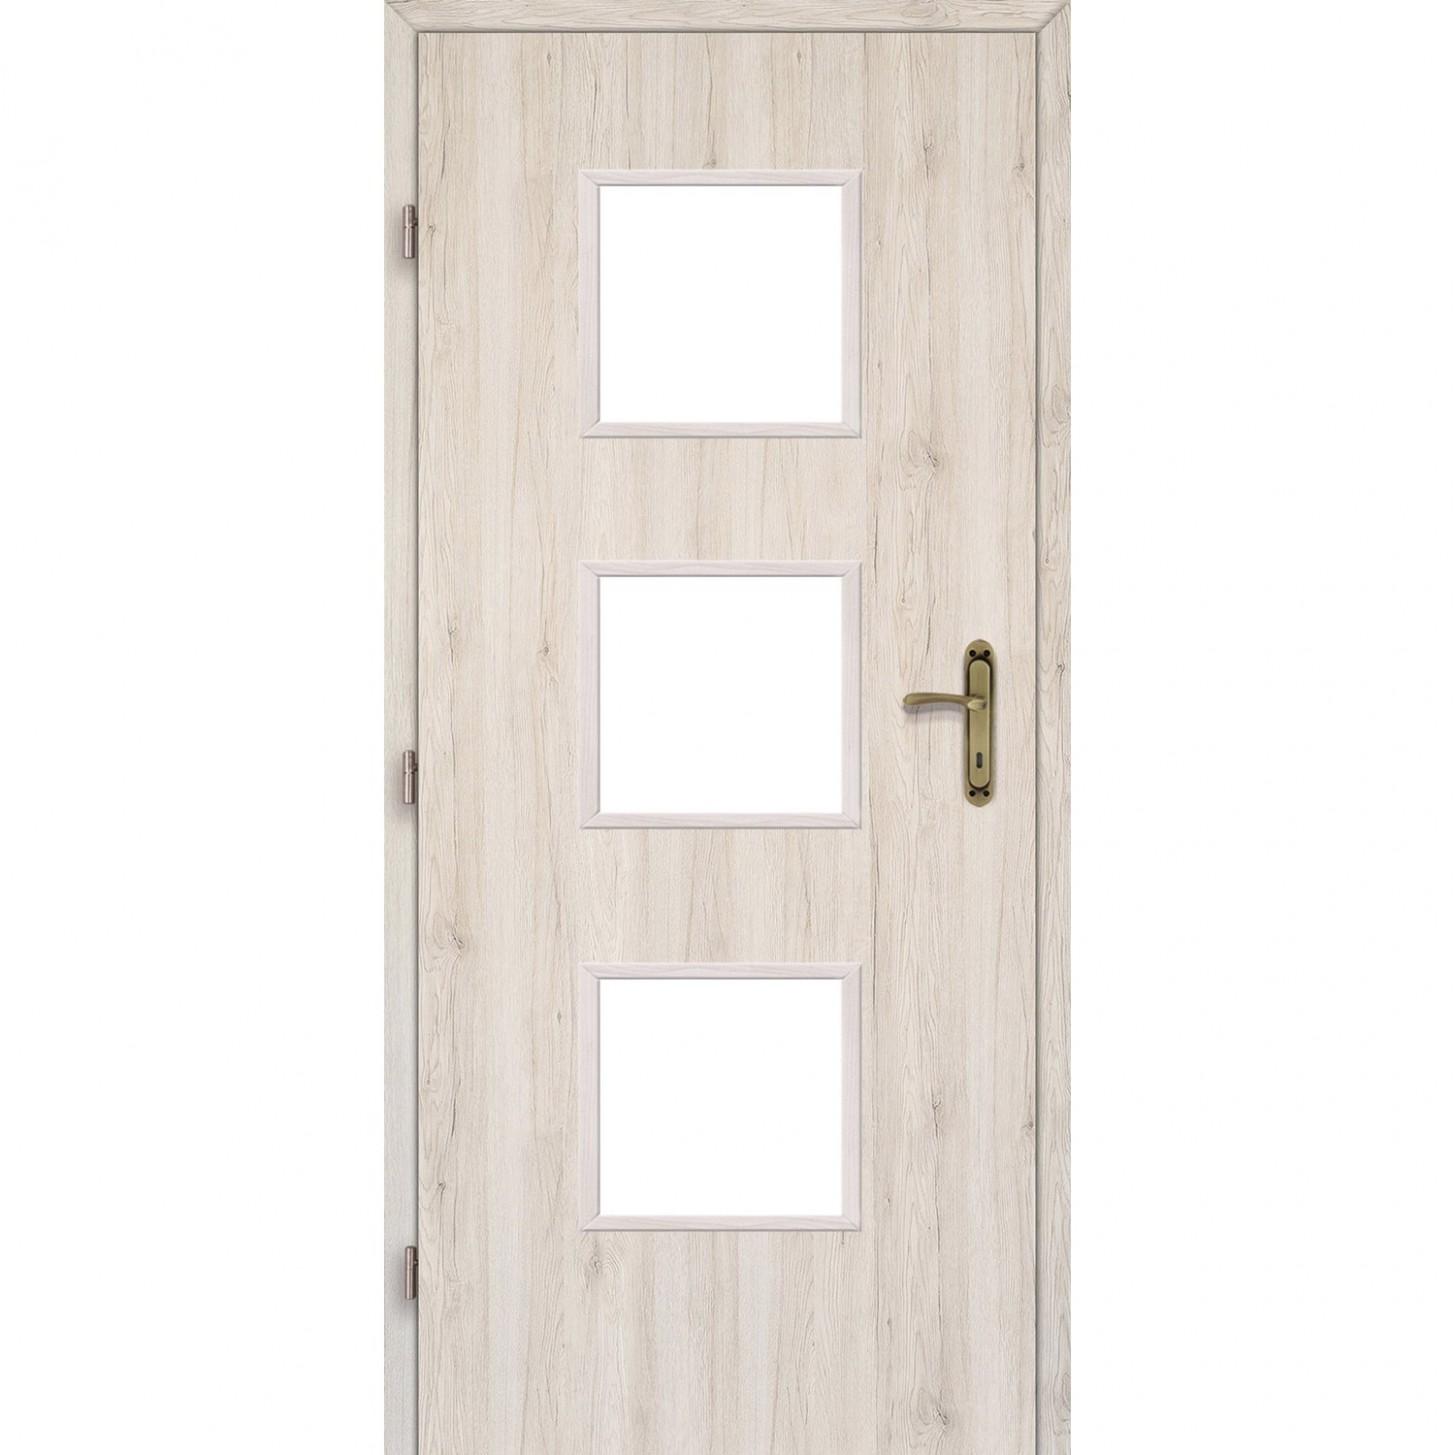 Interiérové dveře v České republice